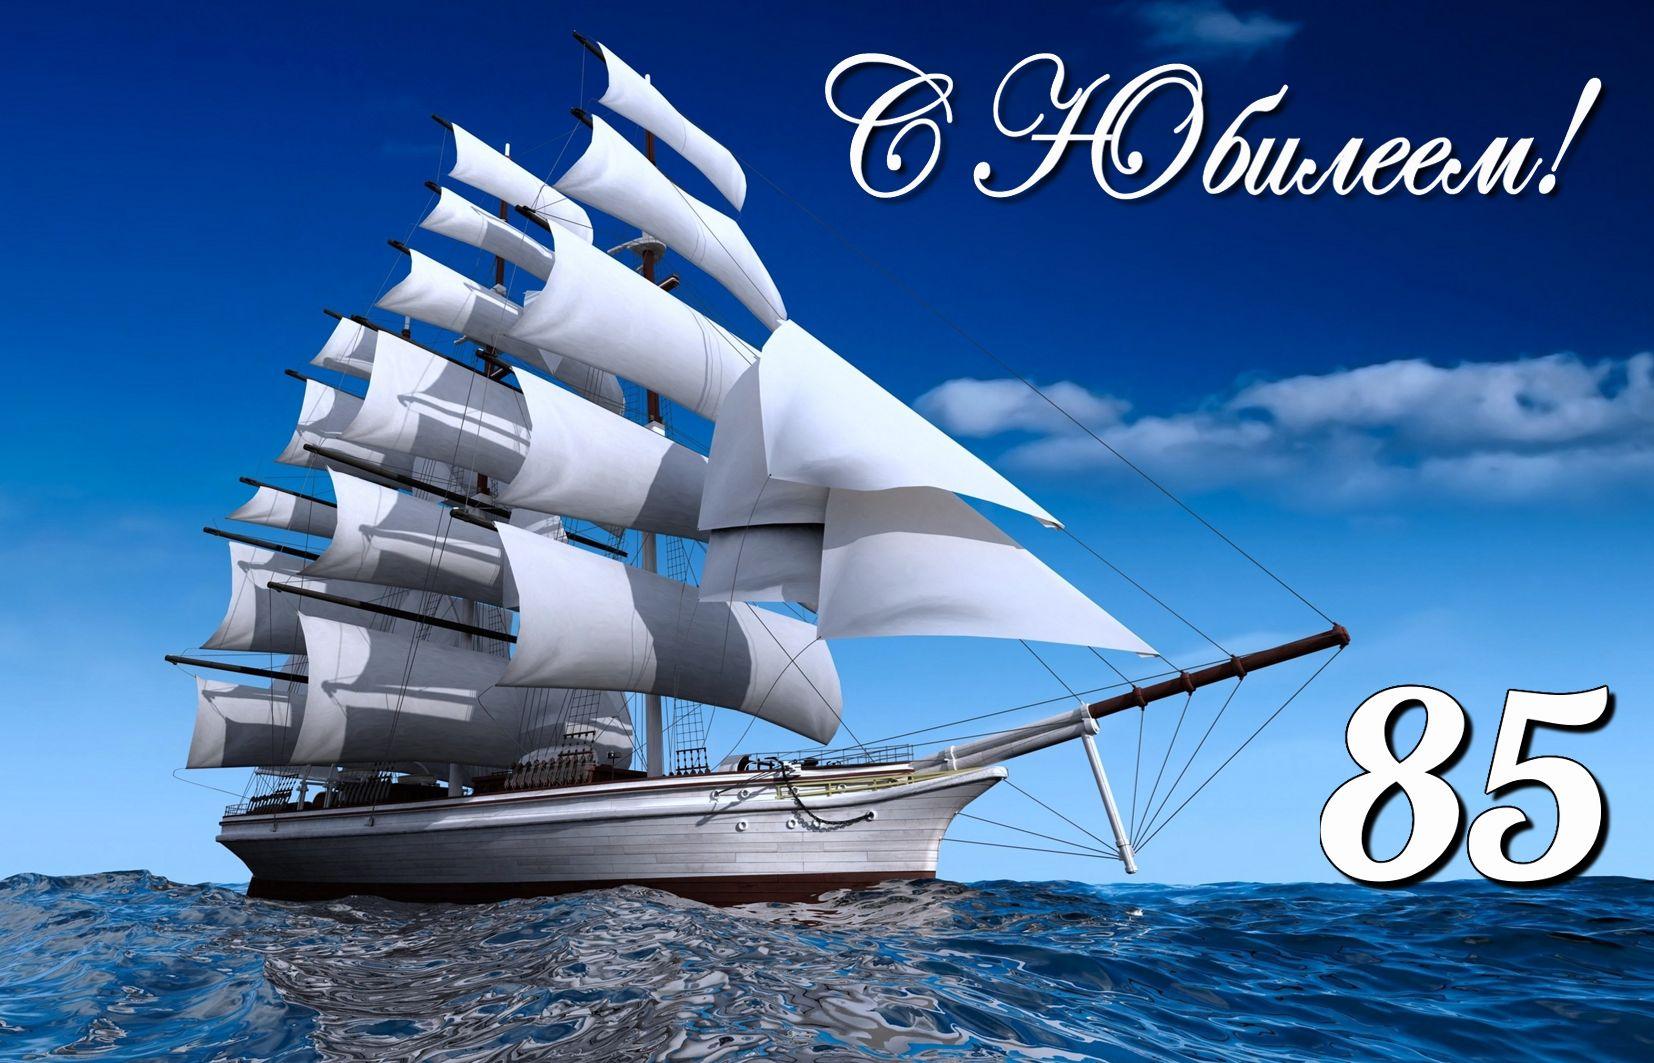 Парусник в синем океане на юбилей 85 лет